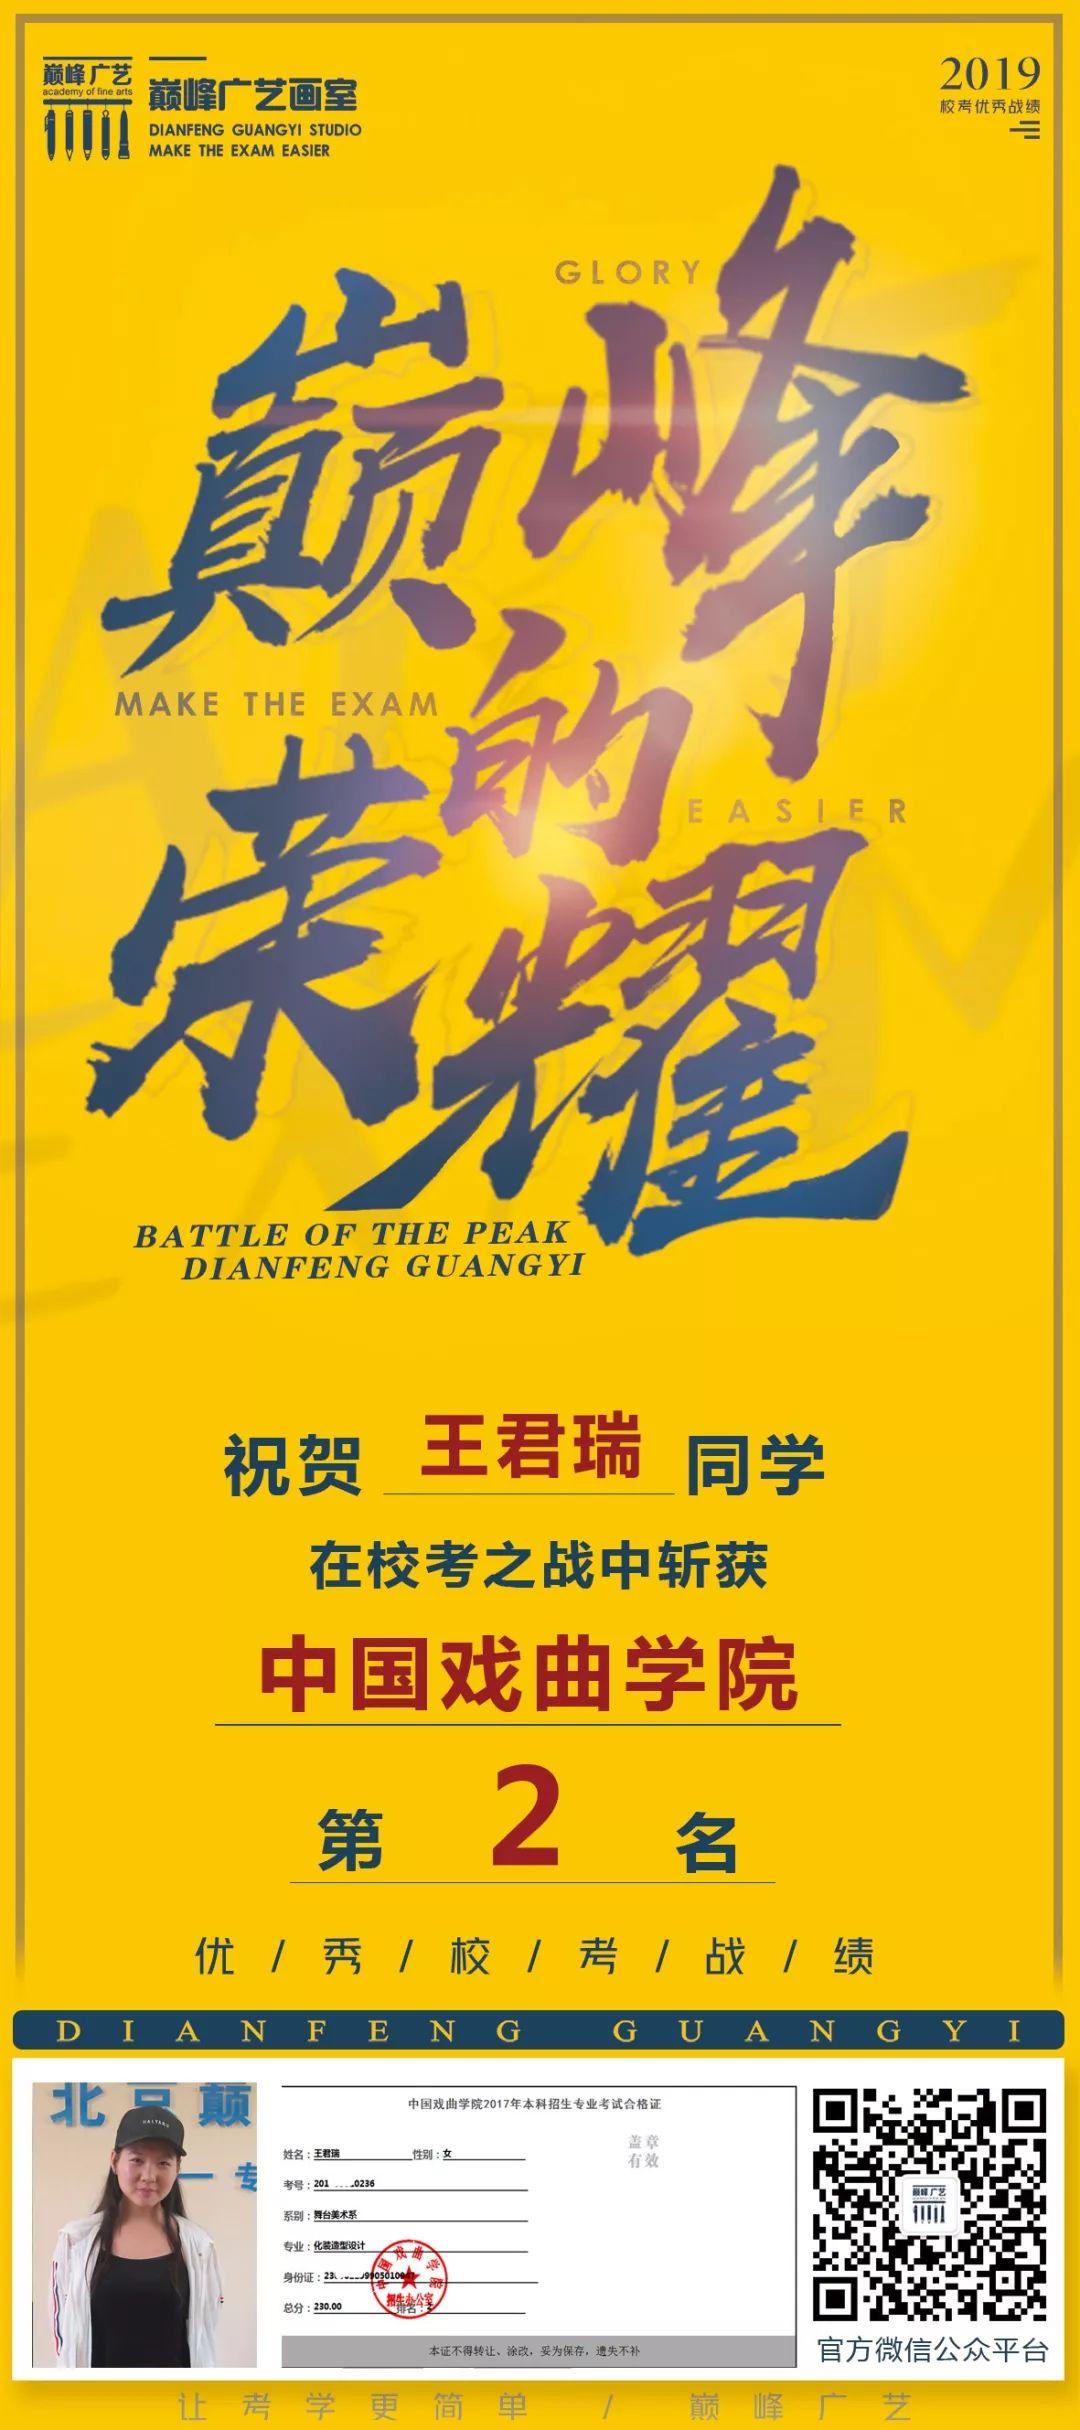 中国传媒大学,北京电影学院,中央戏剧学院,北京巅峰广艺画室       72